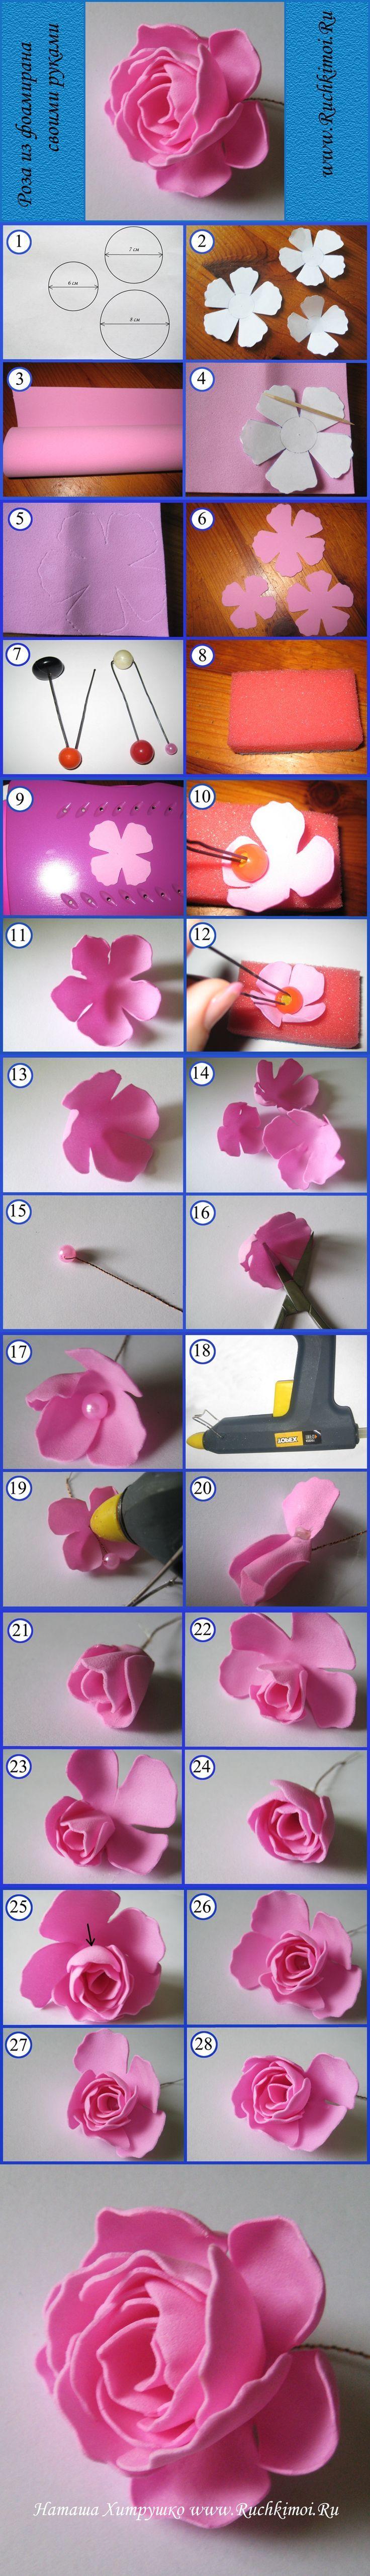 Цветы и мастер-классы из фоамирана. - Лена Кабак  | Профиль - Nebka.ru